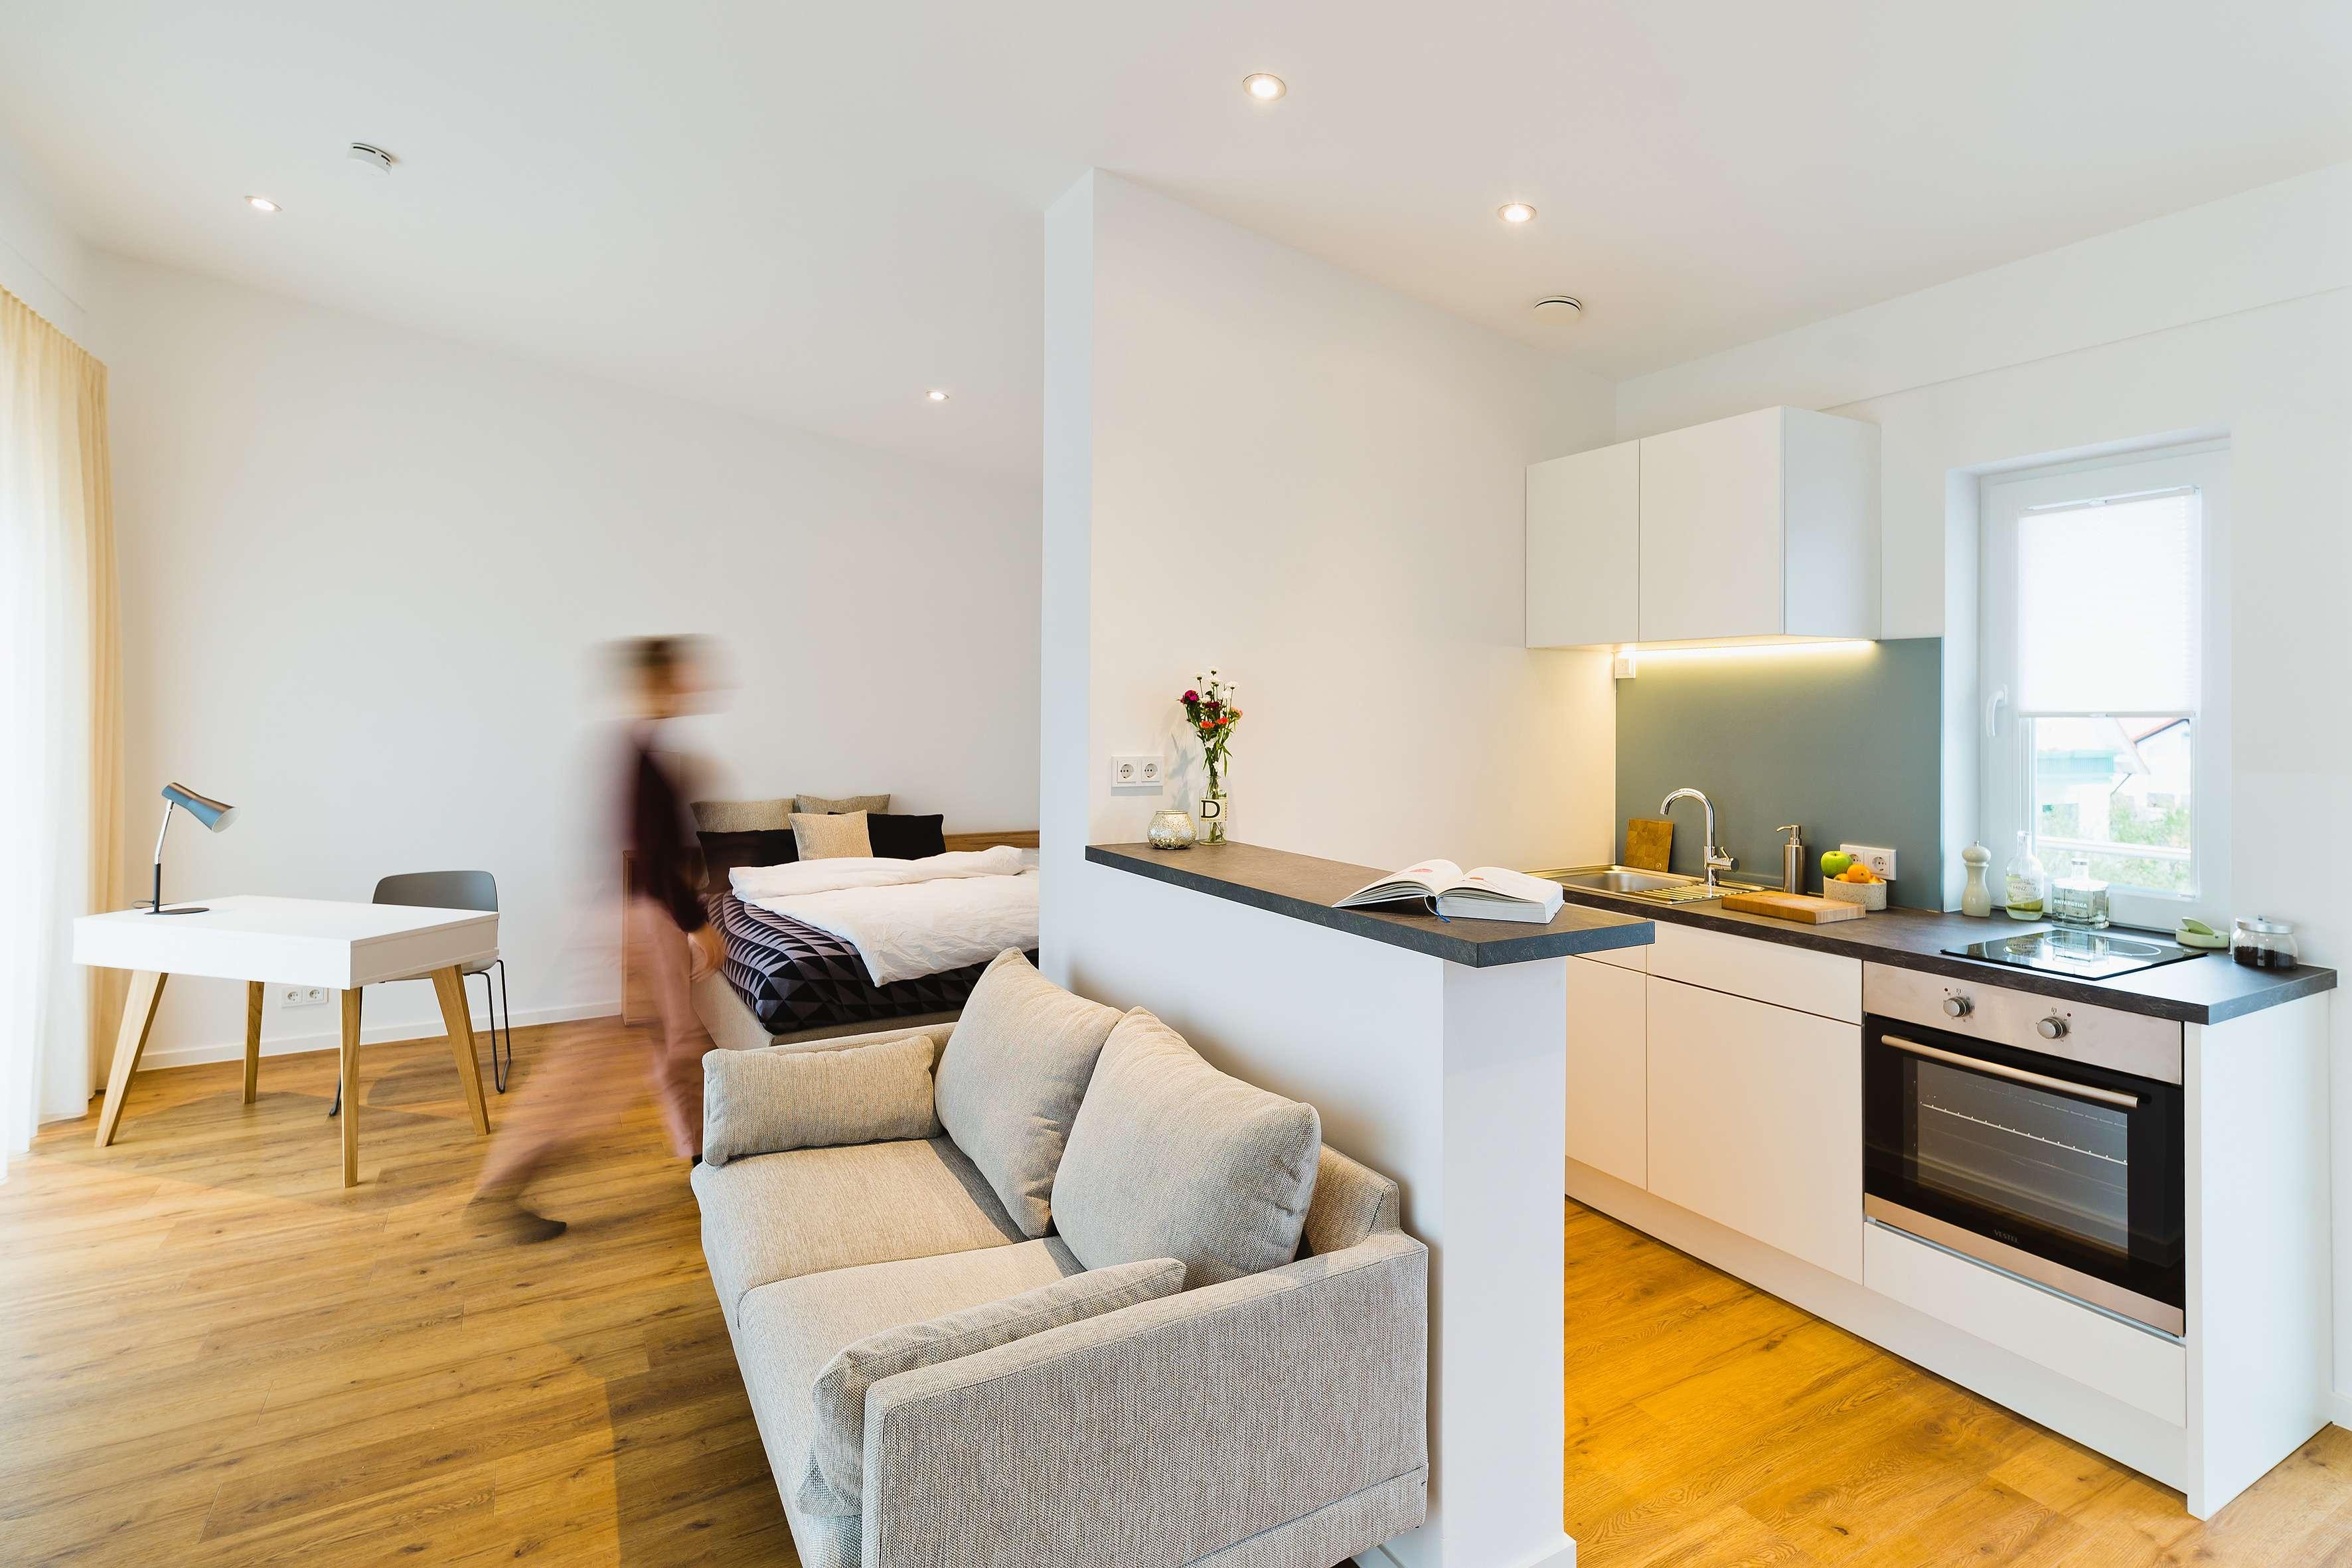 Großes Apartment mit Dachterrasse *Hochwertigst möbliert*H2F in